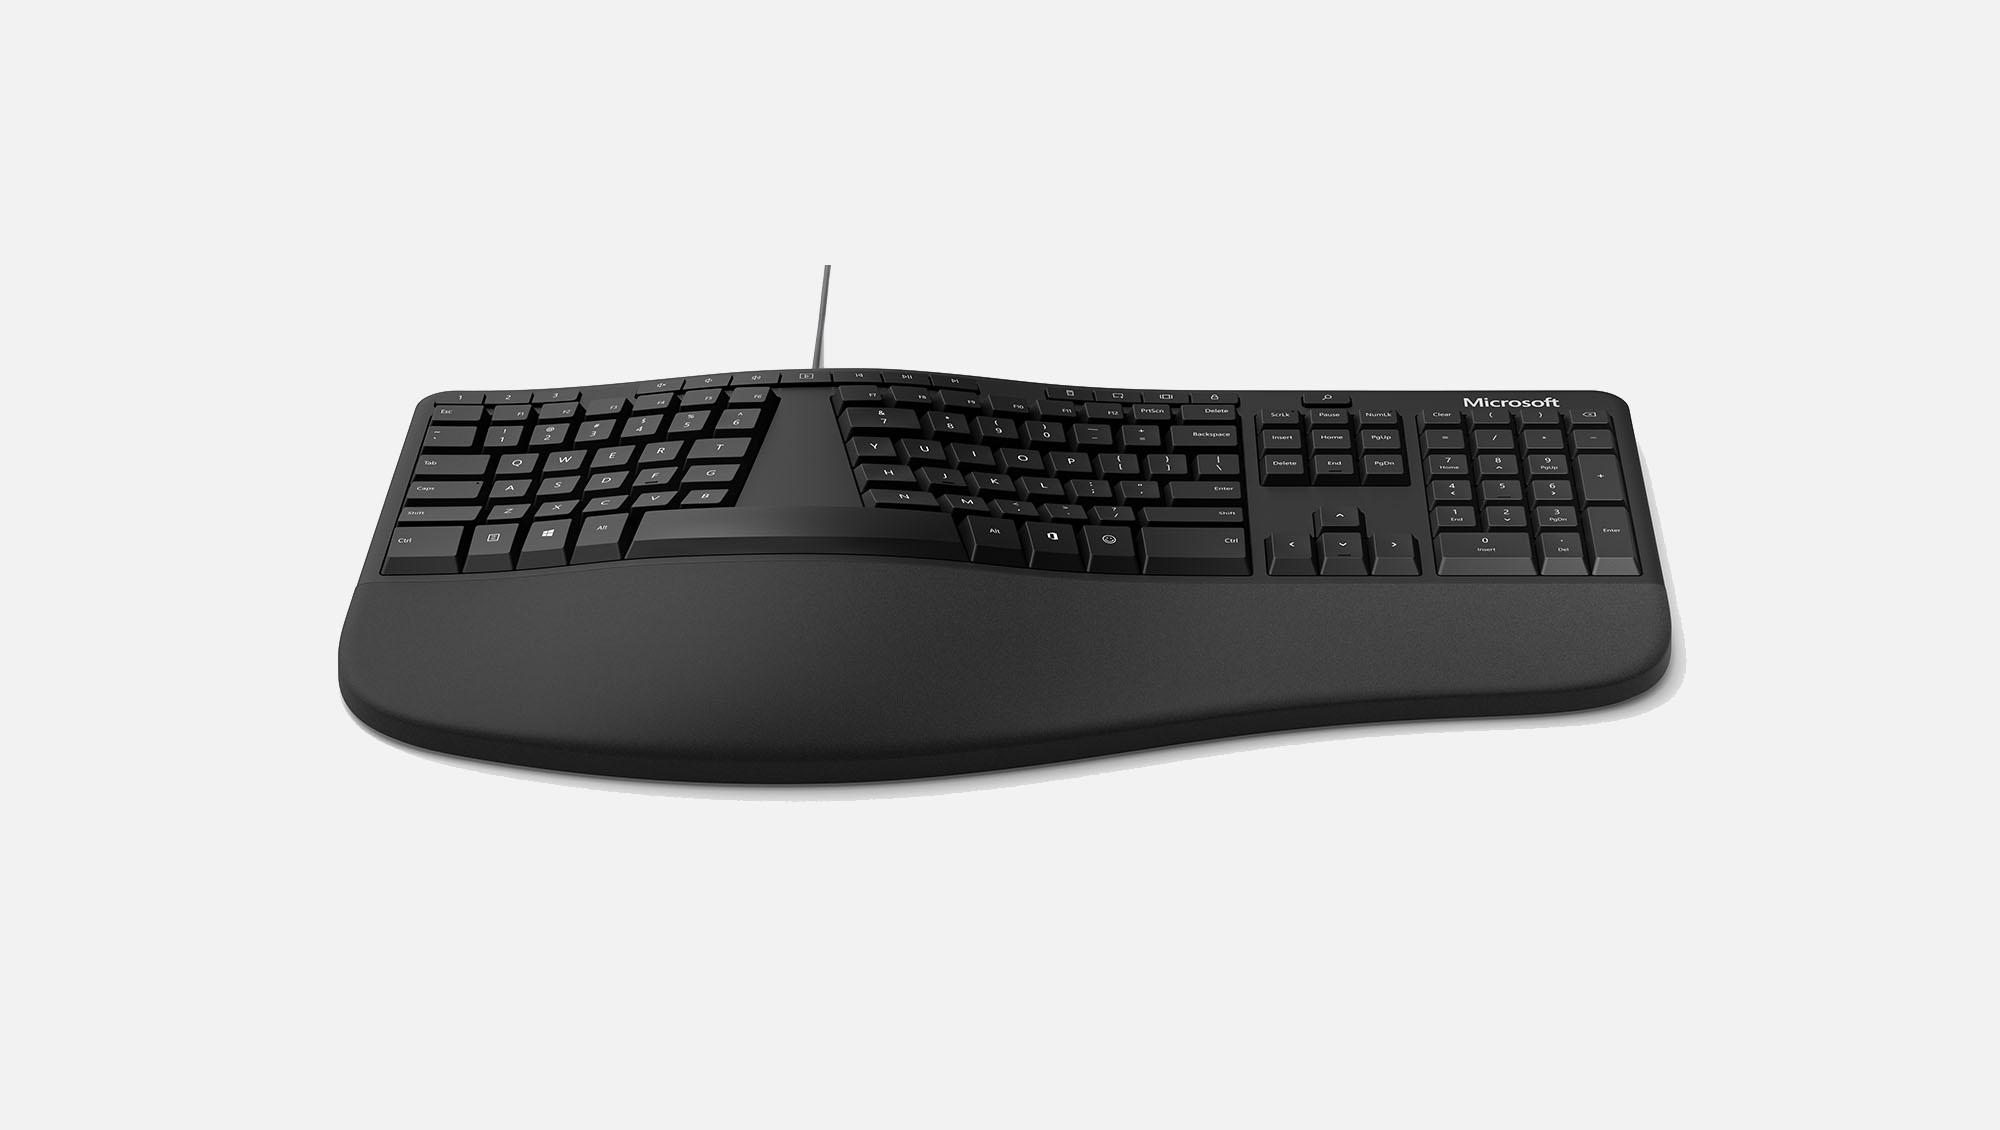 Microsoft annonce les nouveaux clavier et souris